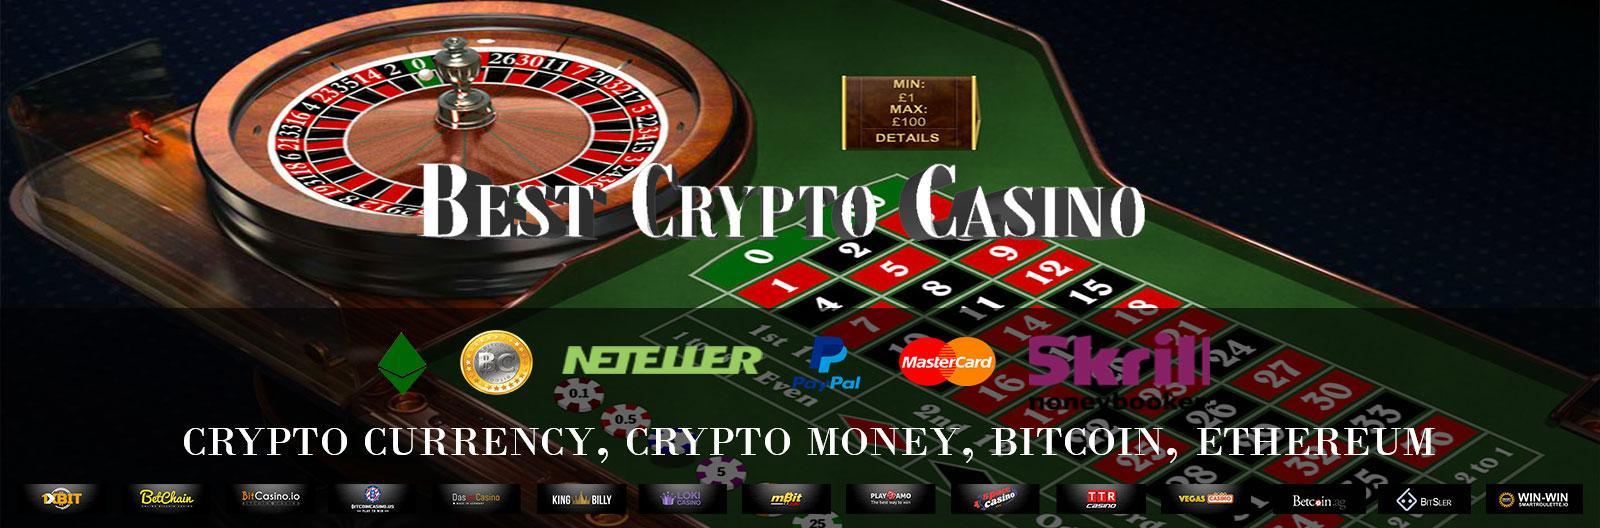 Bitcoin-pelikoneet lähellä minua